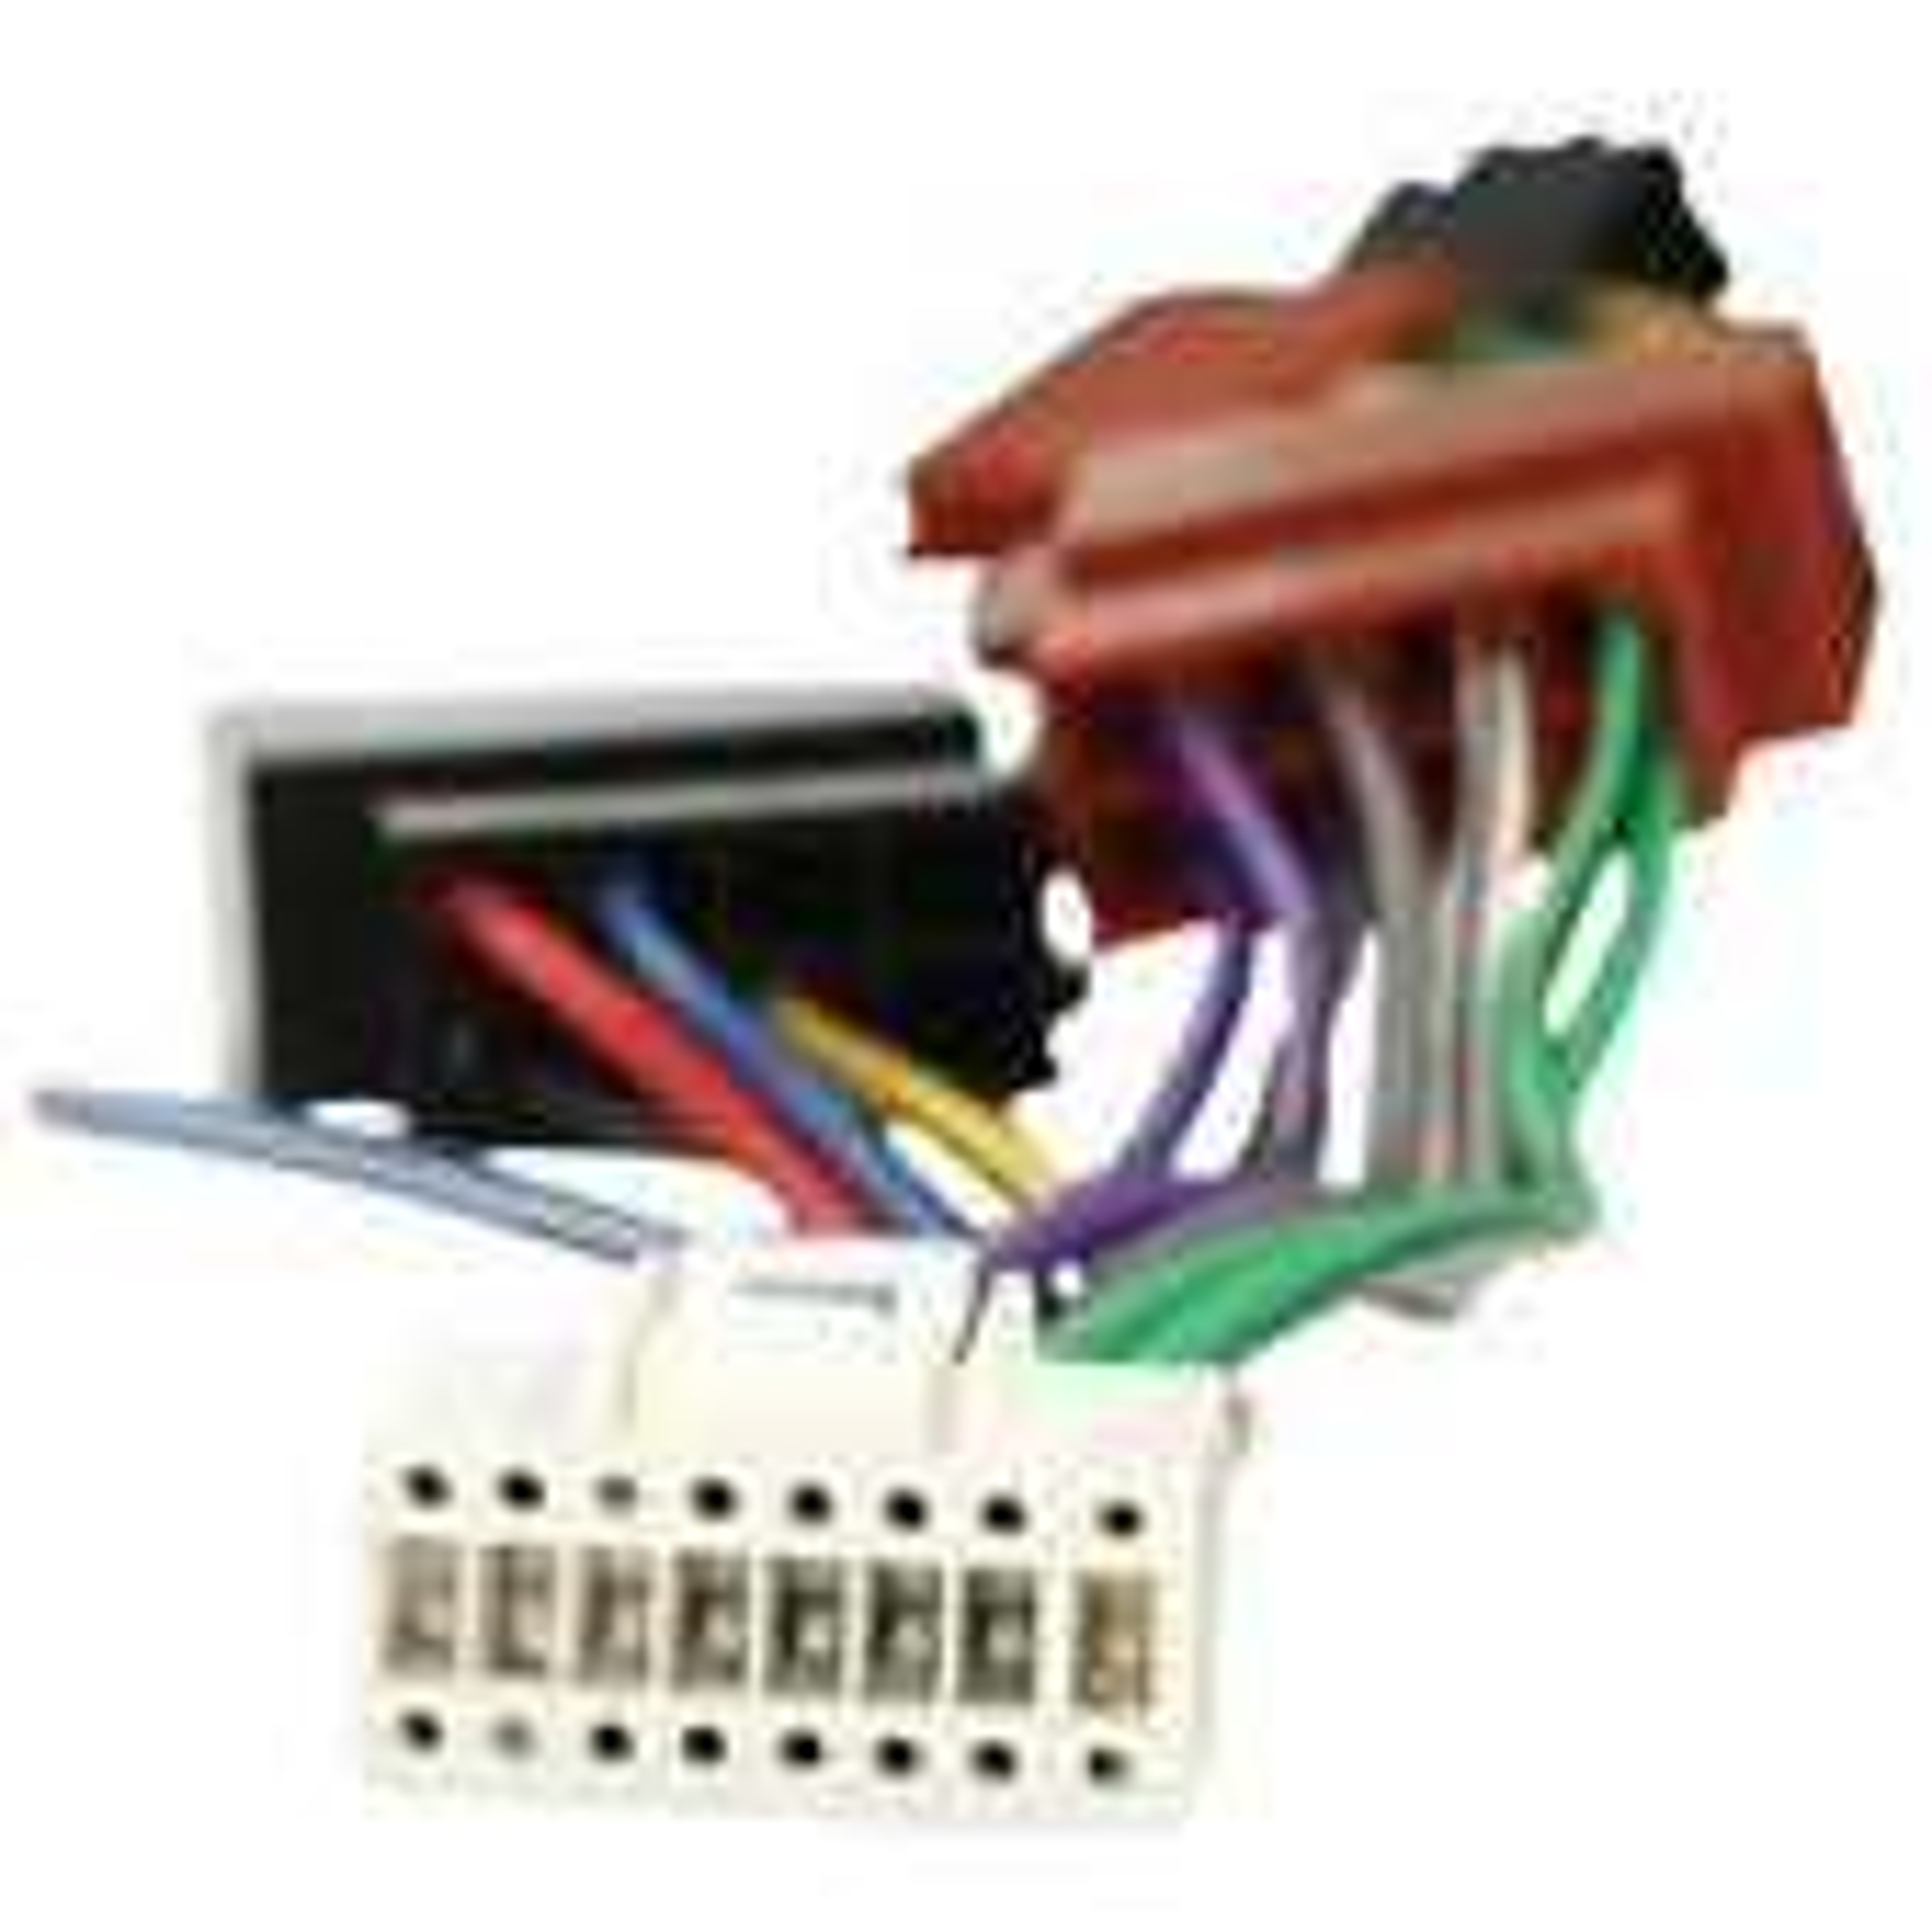 C�ble Adaptateur ISO Pour Autoradio Alpine 16 Pins Noir